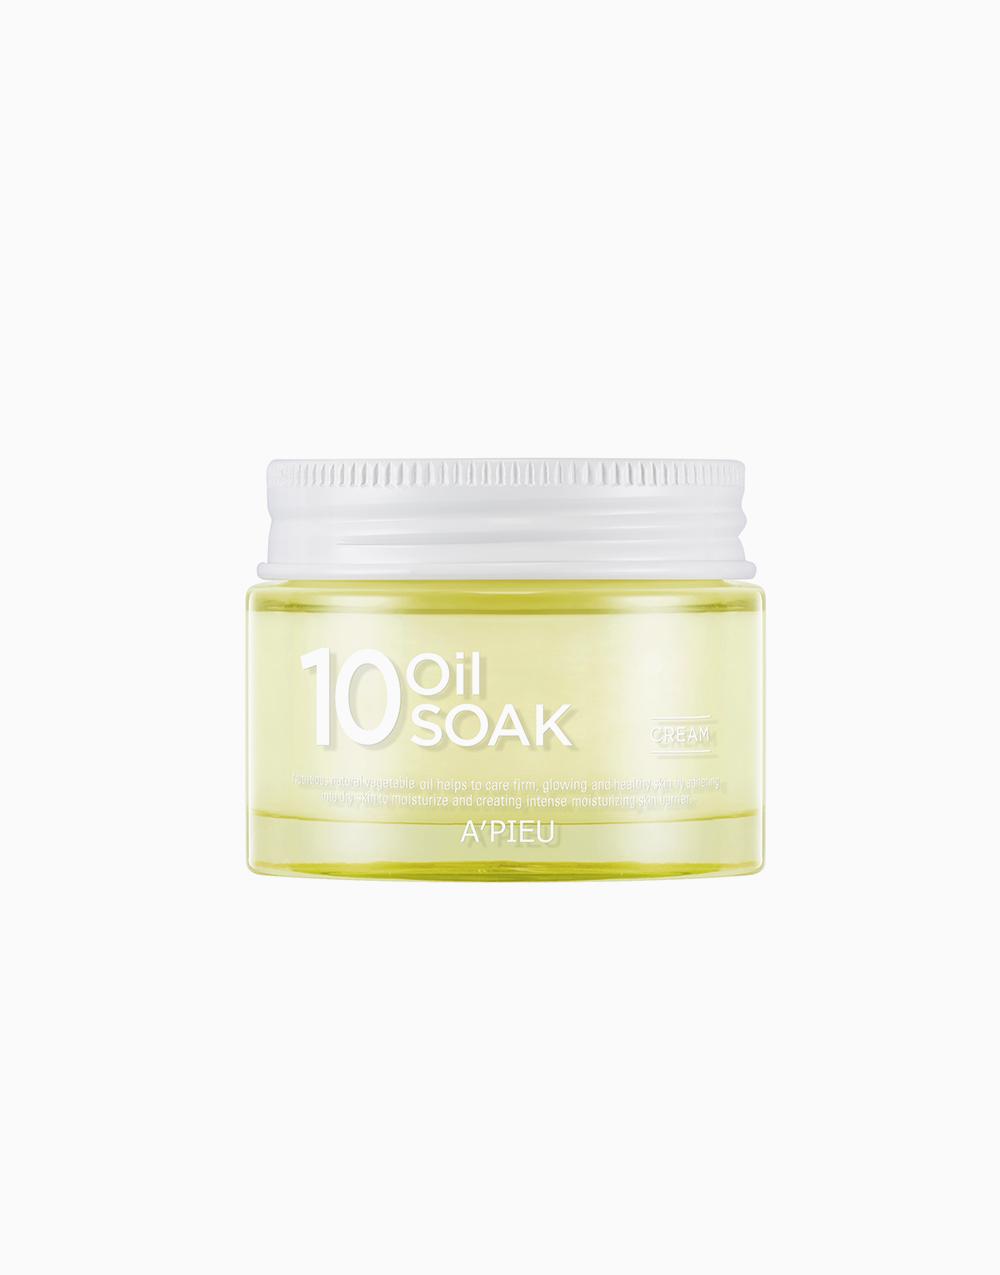 Oil Soak Cream by A'pieu